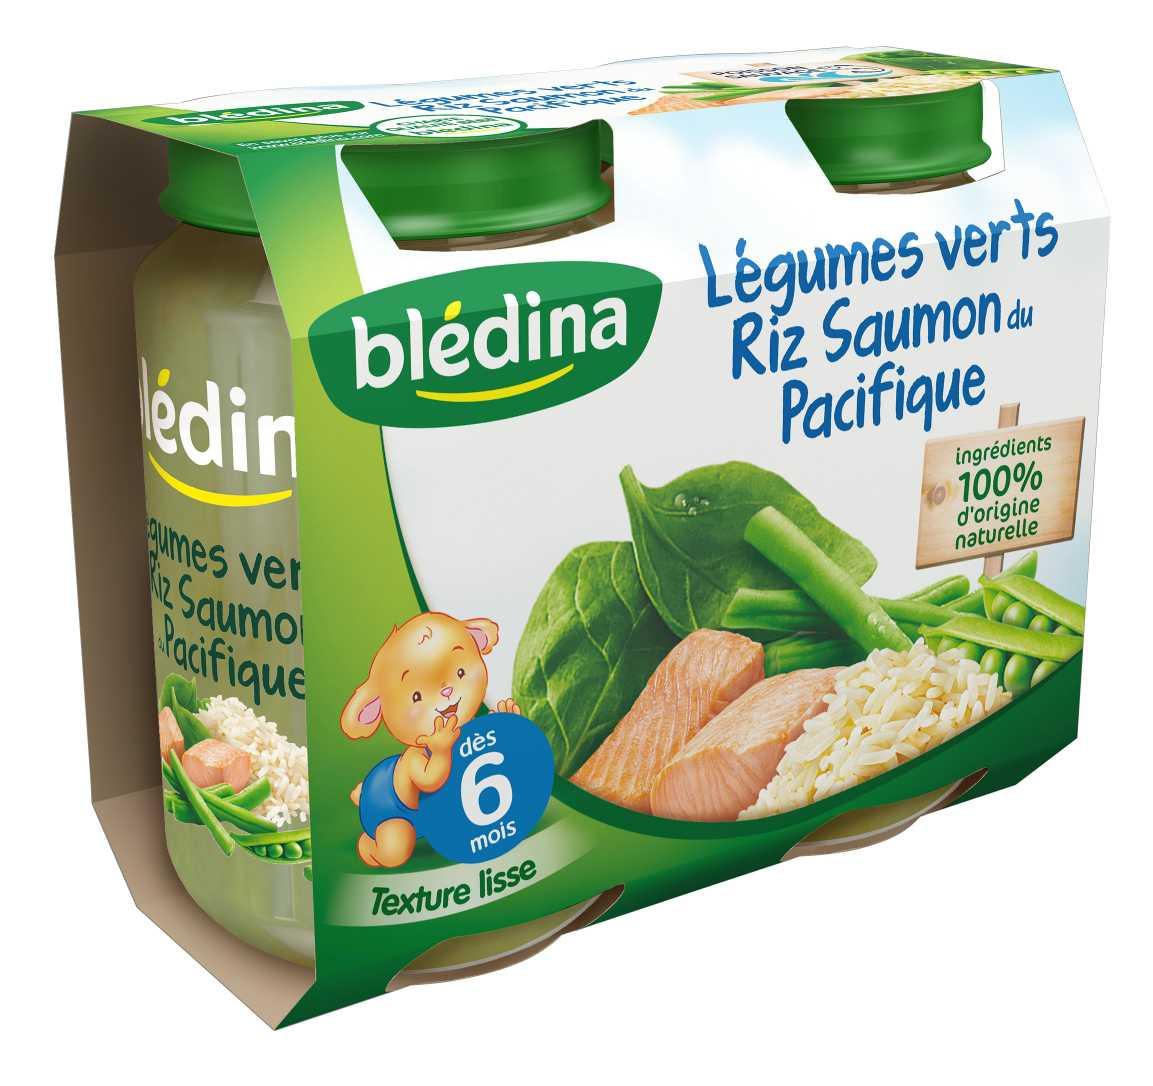 Pot Légumes verts Riz Saumon du Pacifique 2x200g